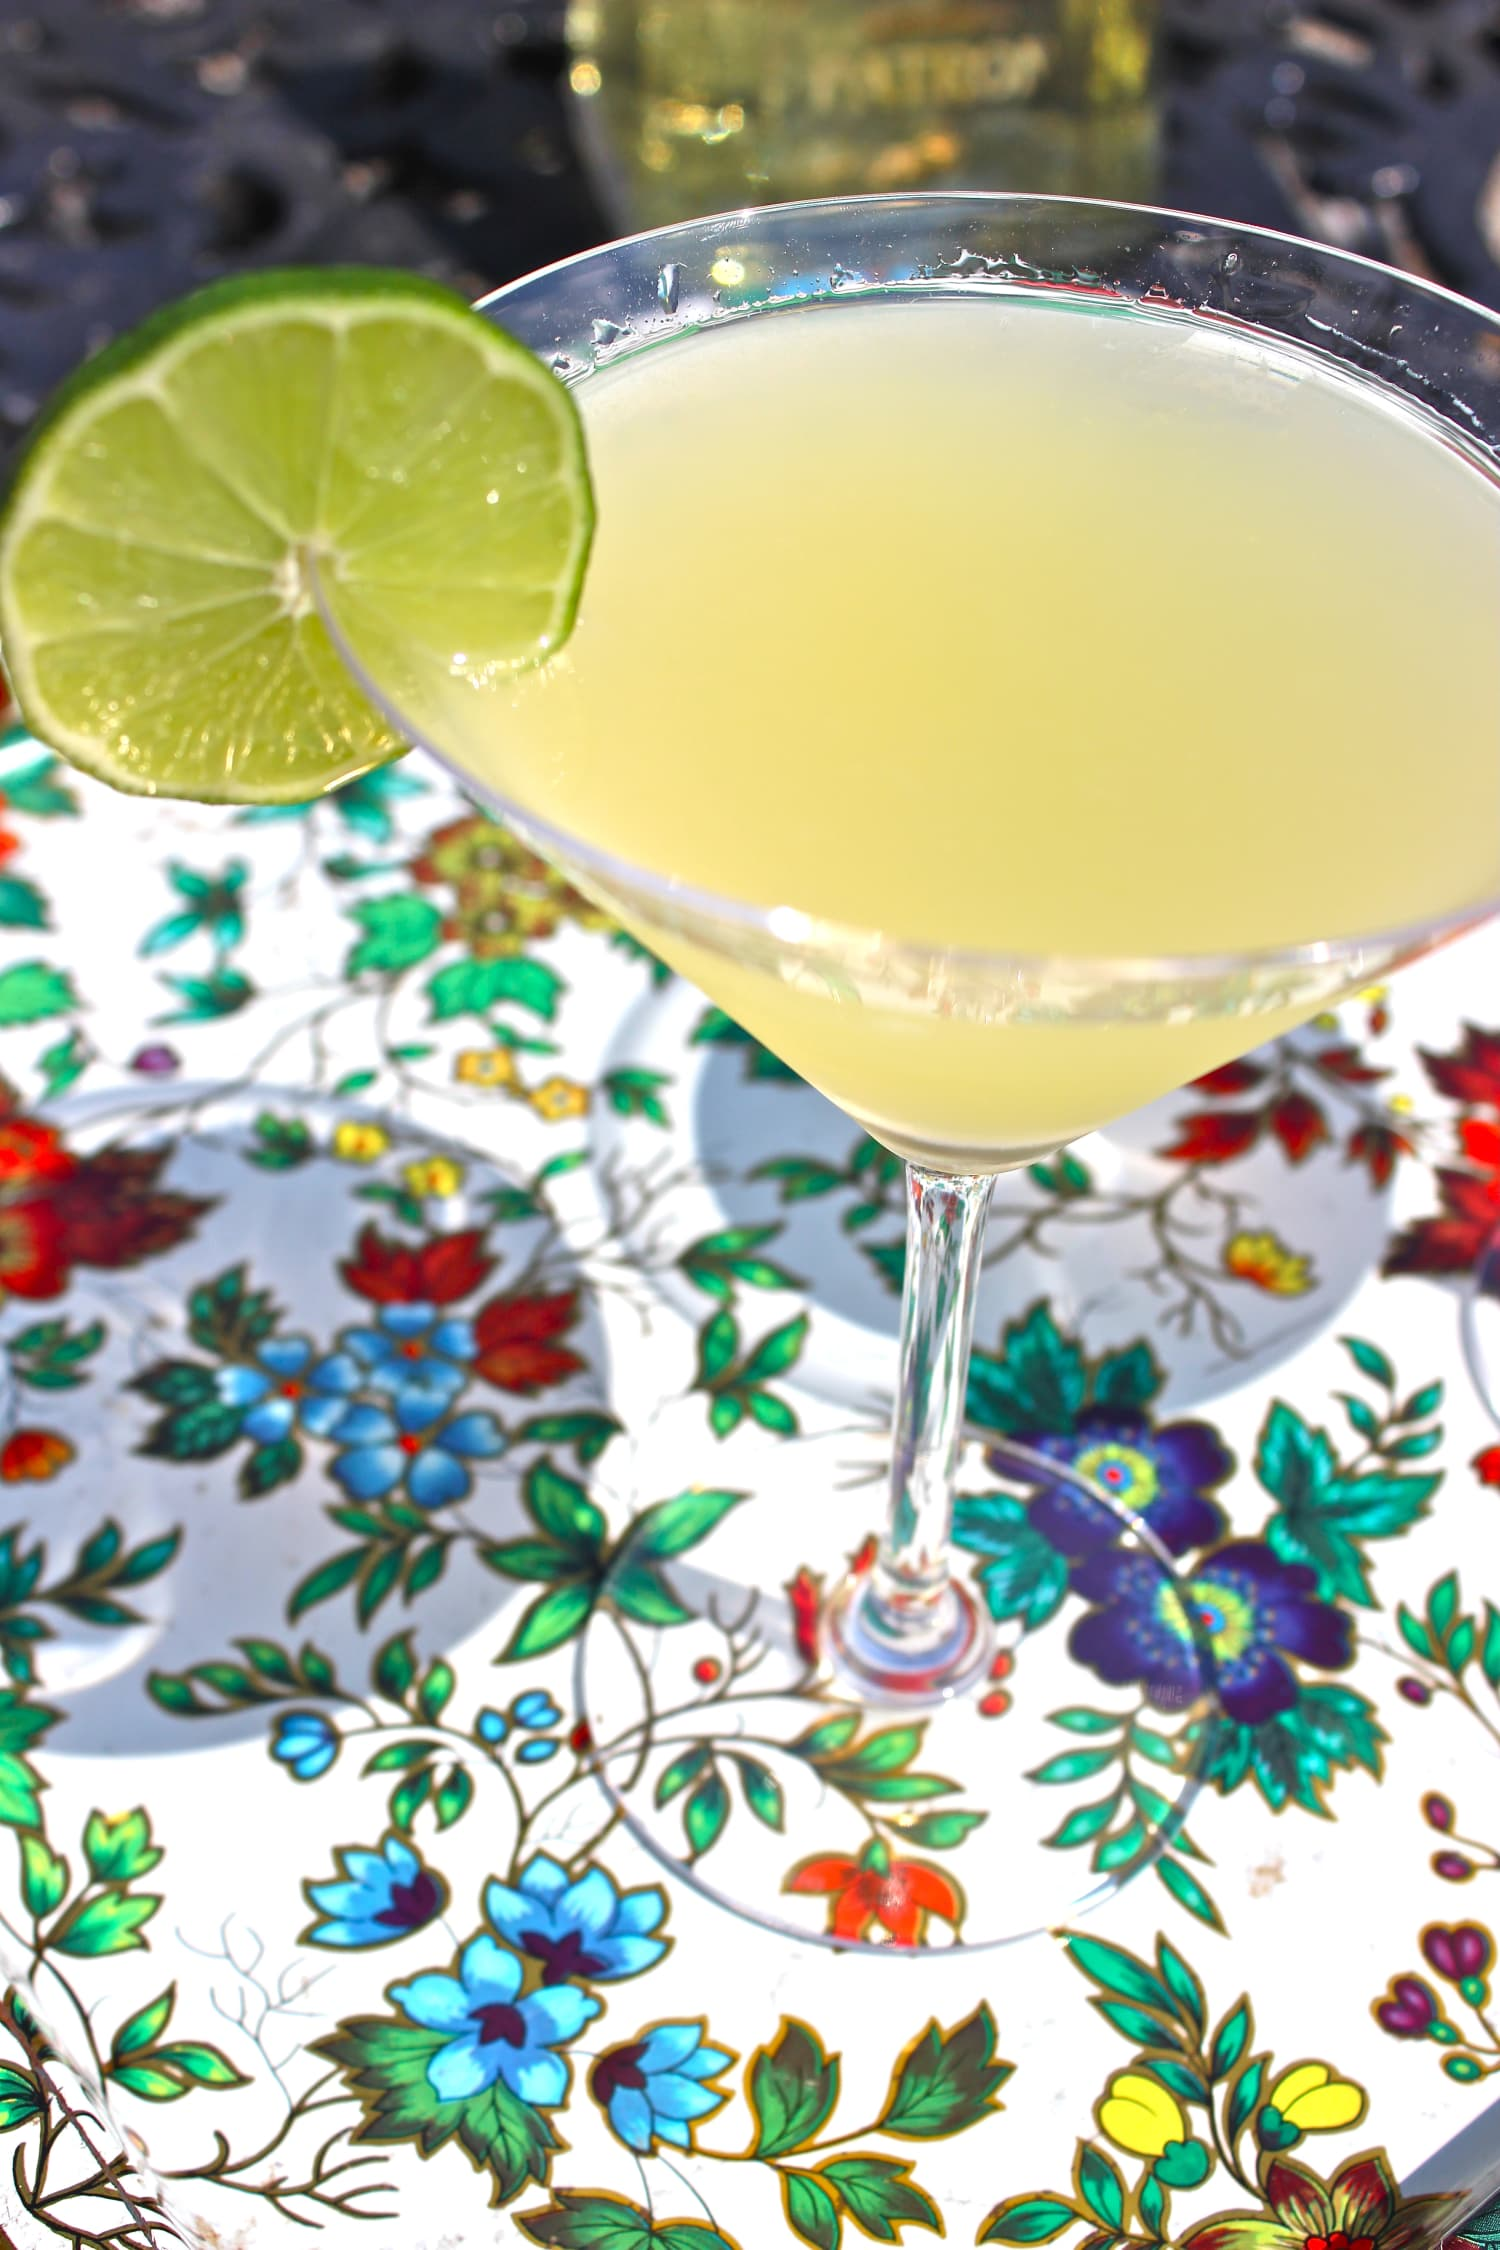 Spring Cocktail Recipe: The Perfect Orange-y Margarita